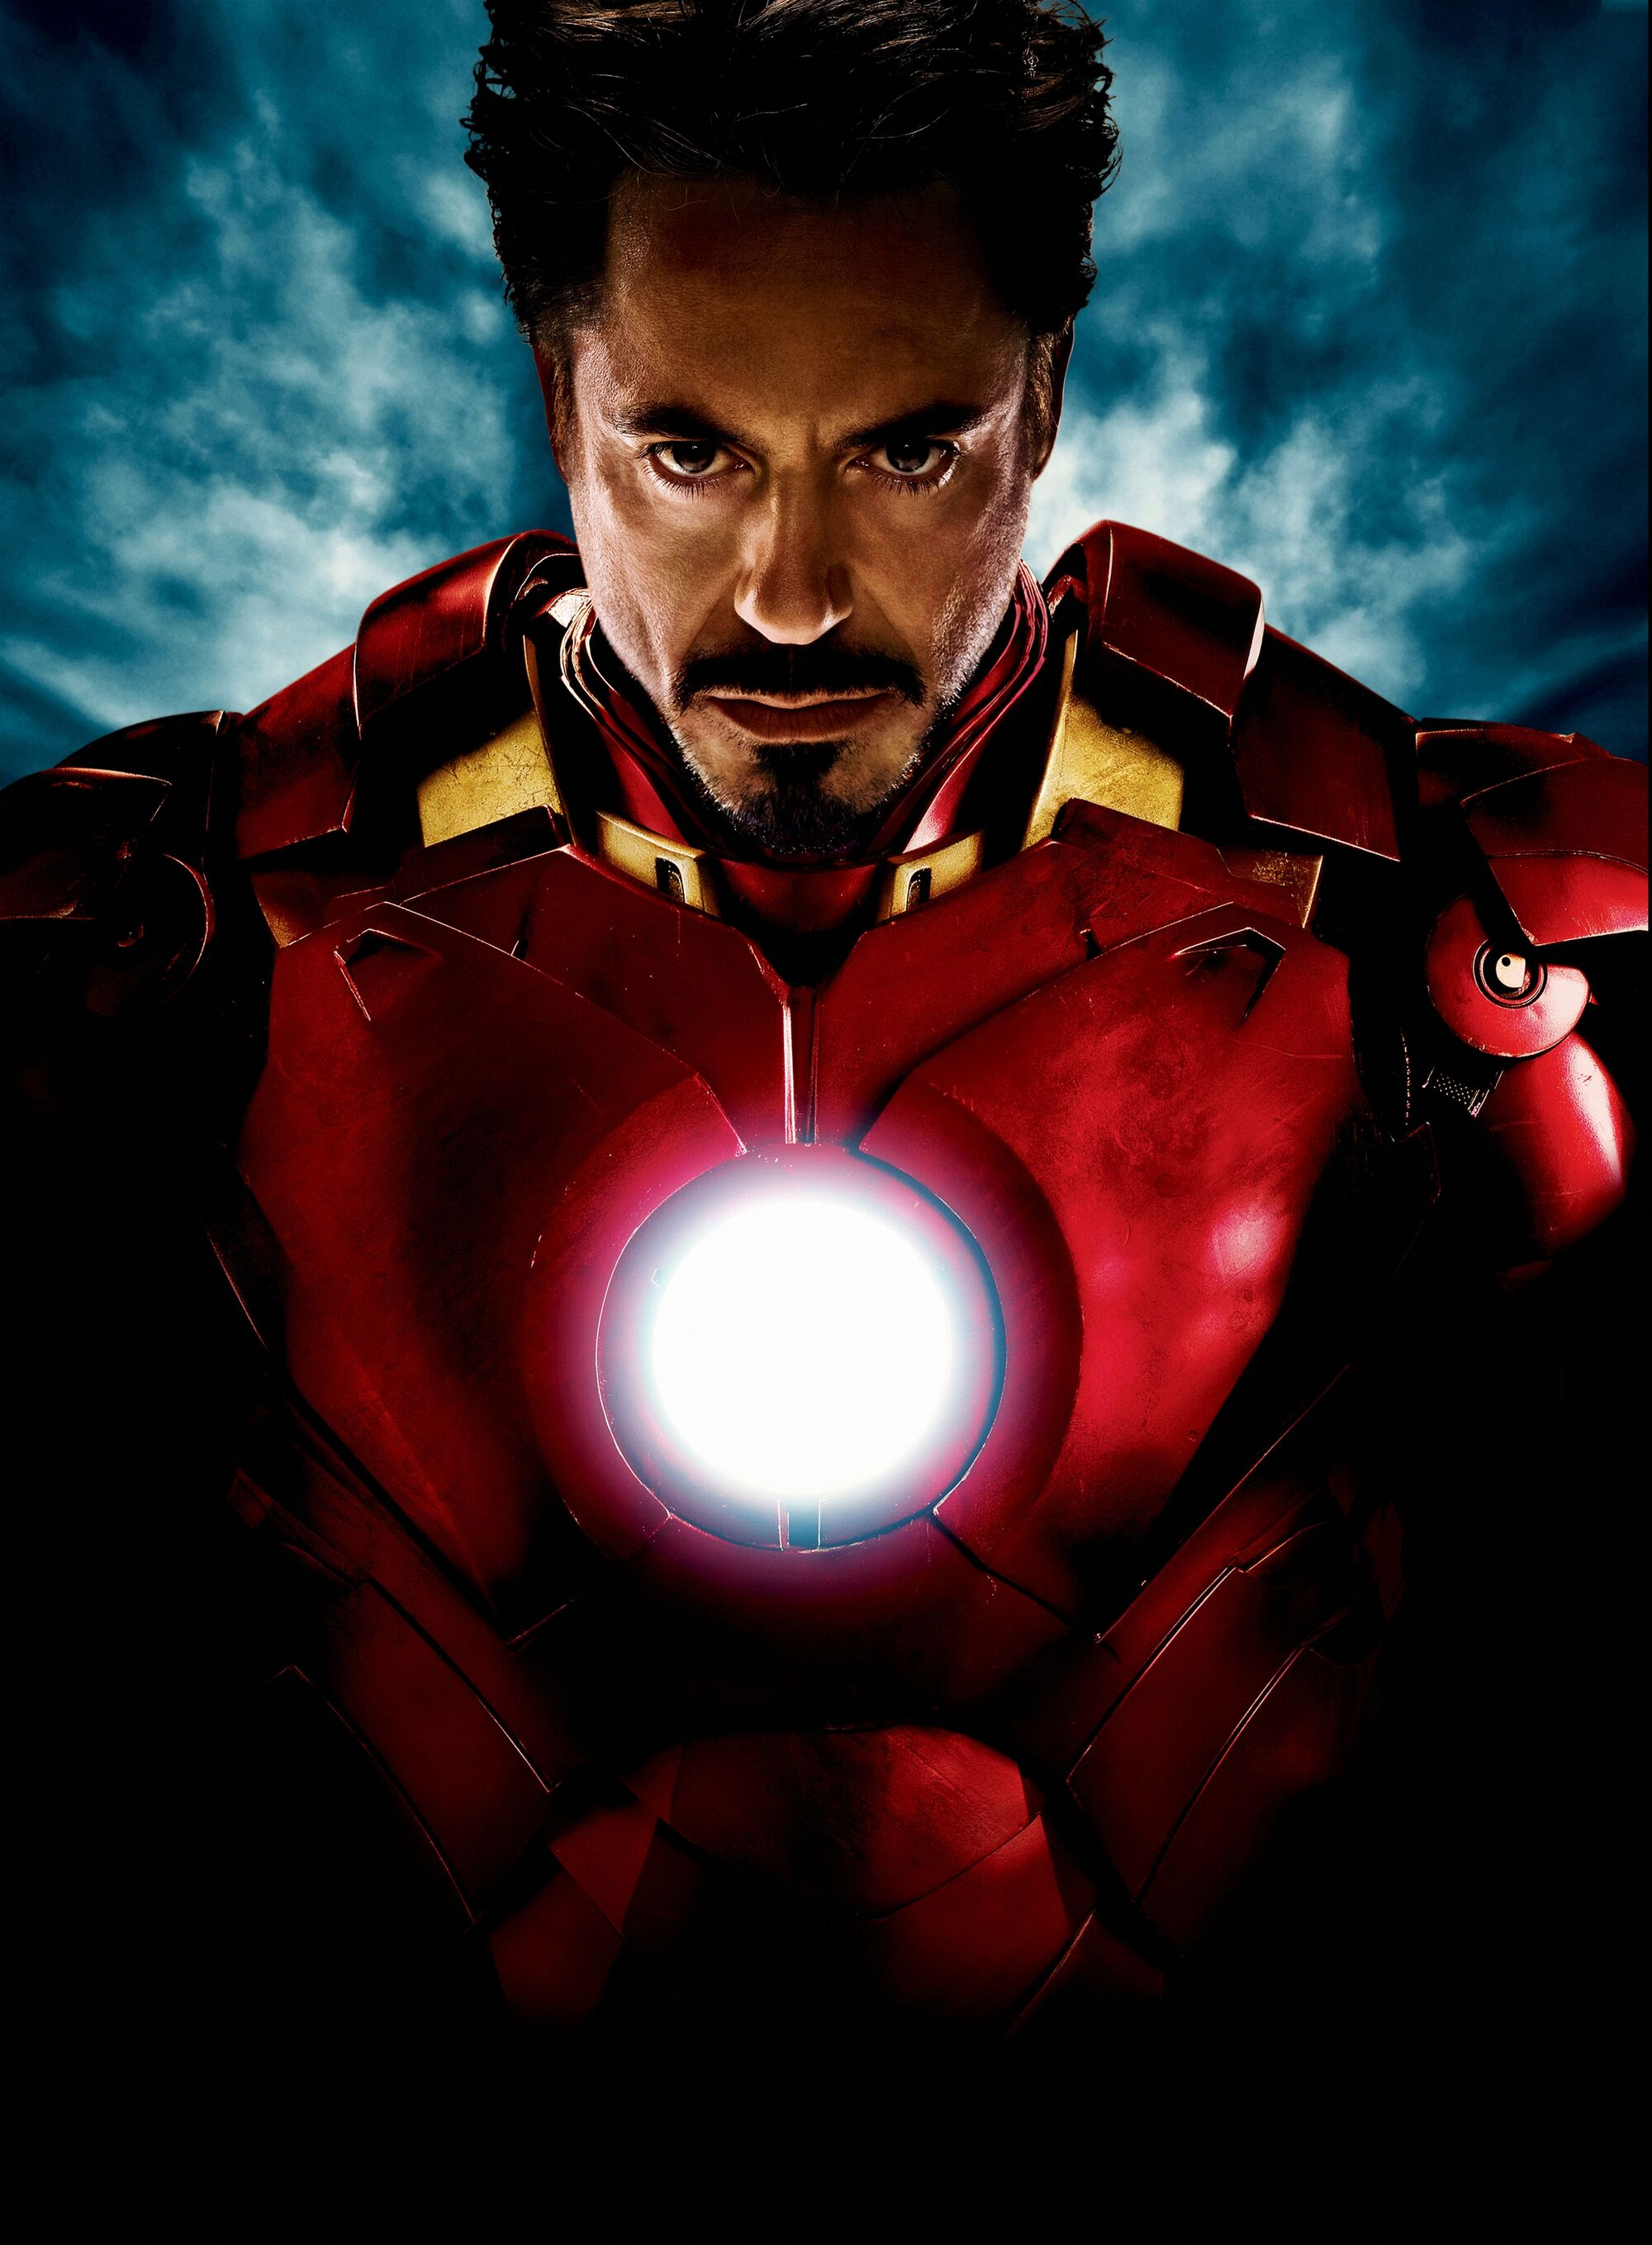 Iron Man 2 Iron Man Wiki Fandom Powered By Wikia - oc